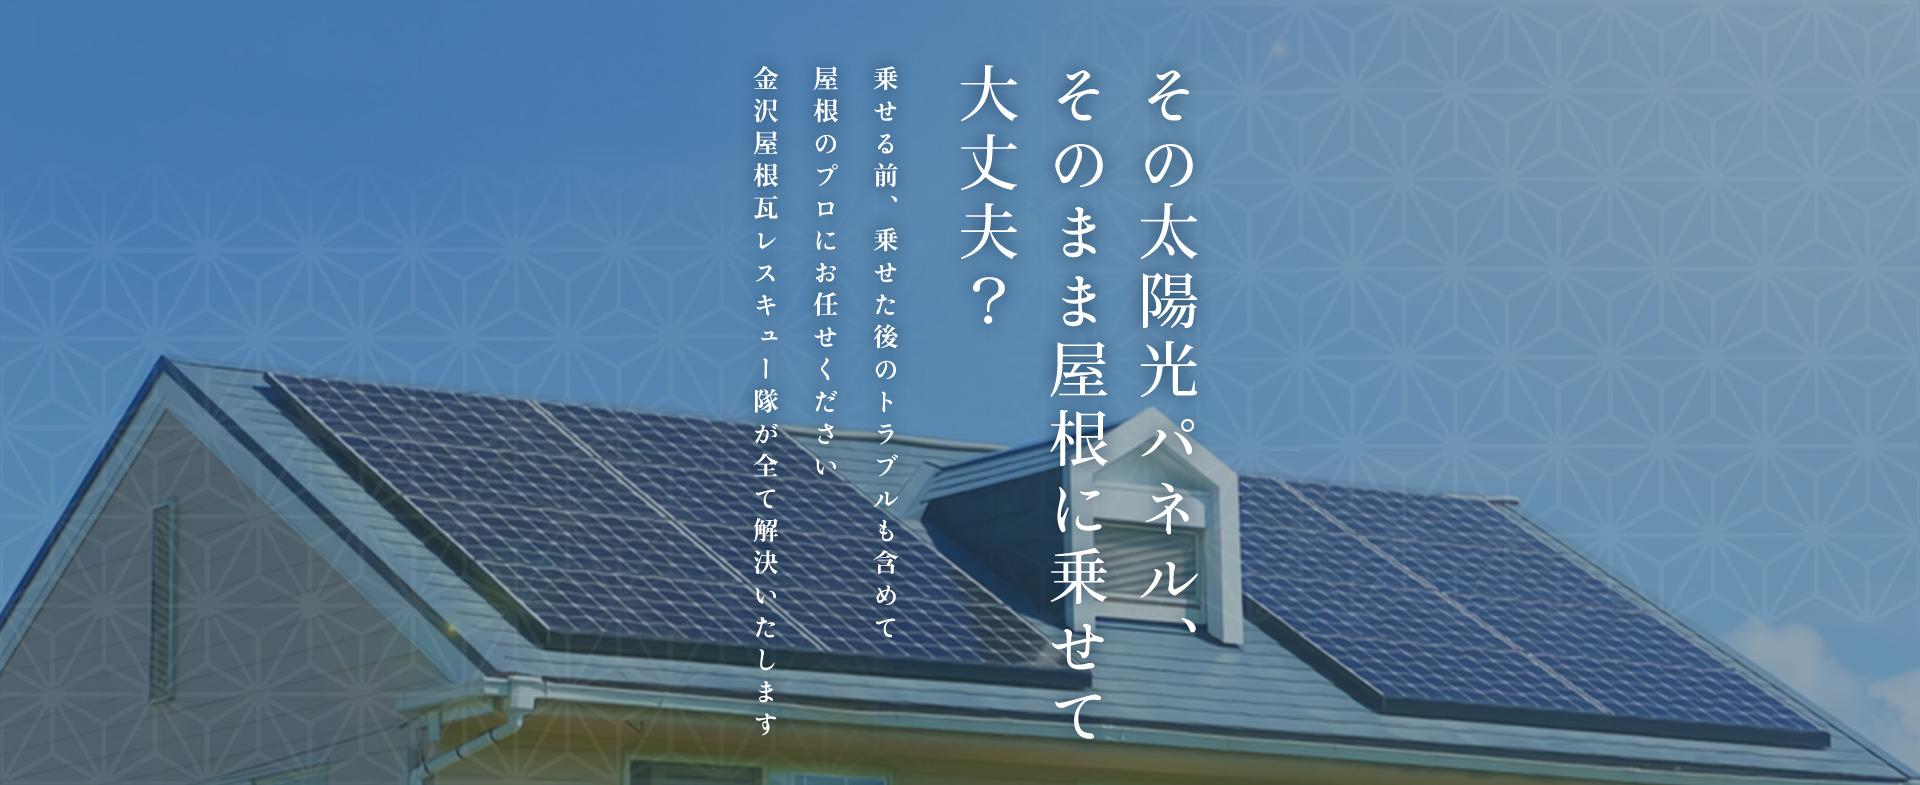 太陽光パネルを設置する前に